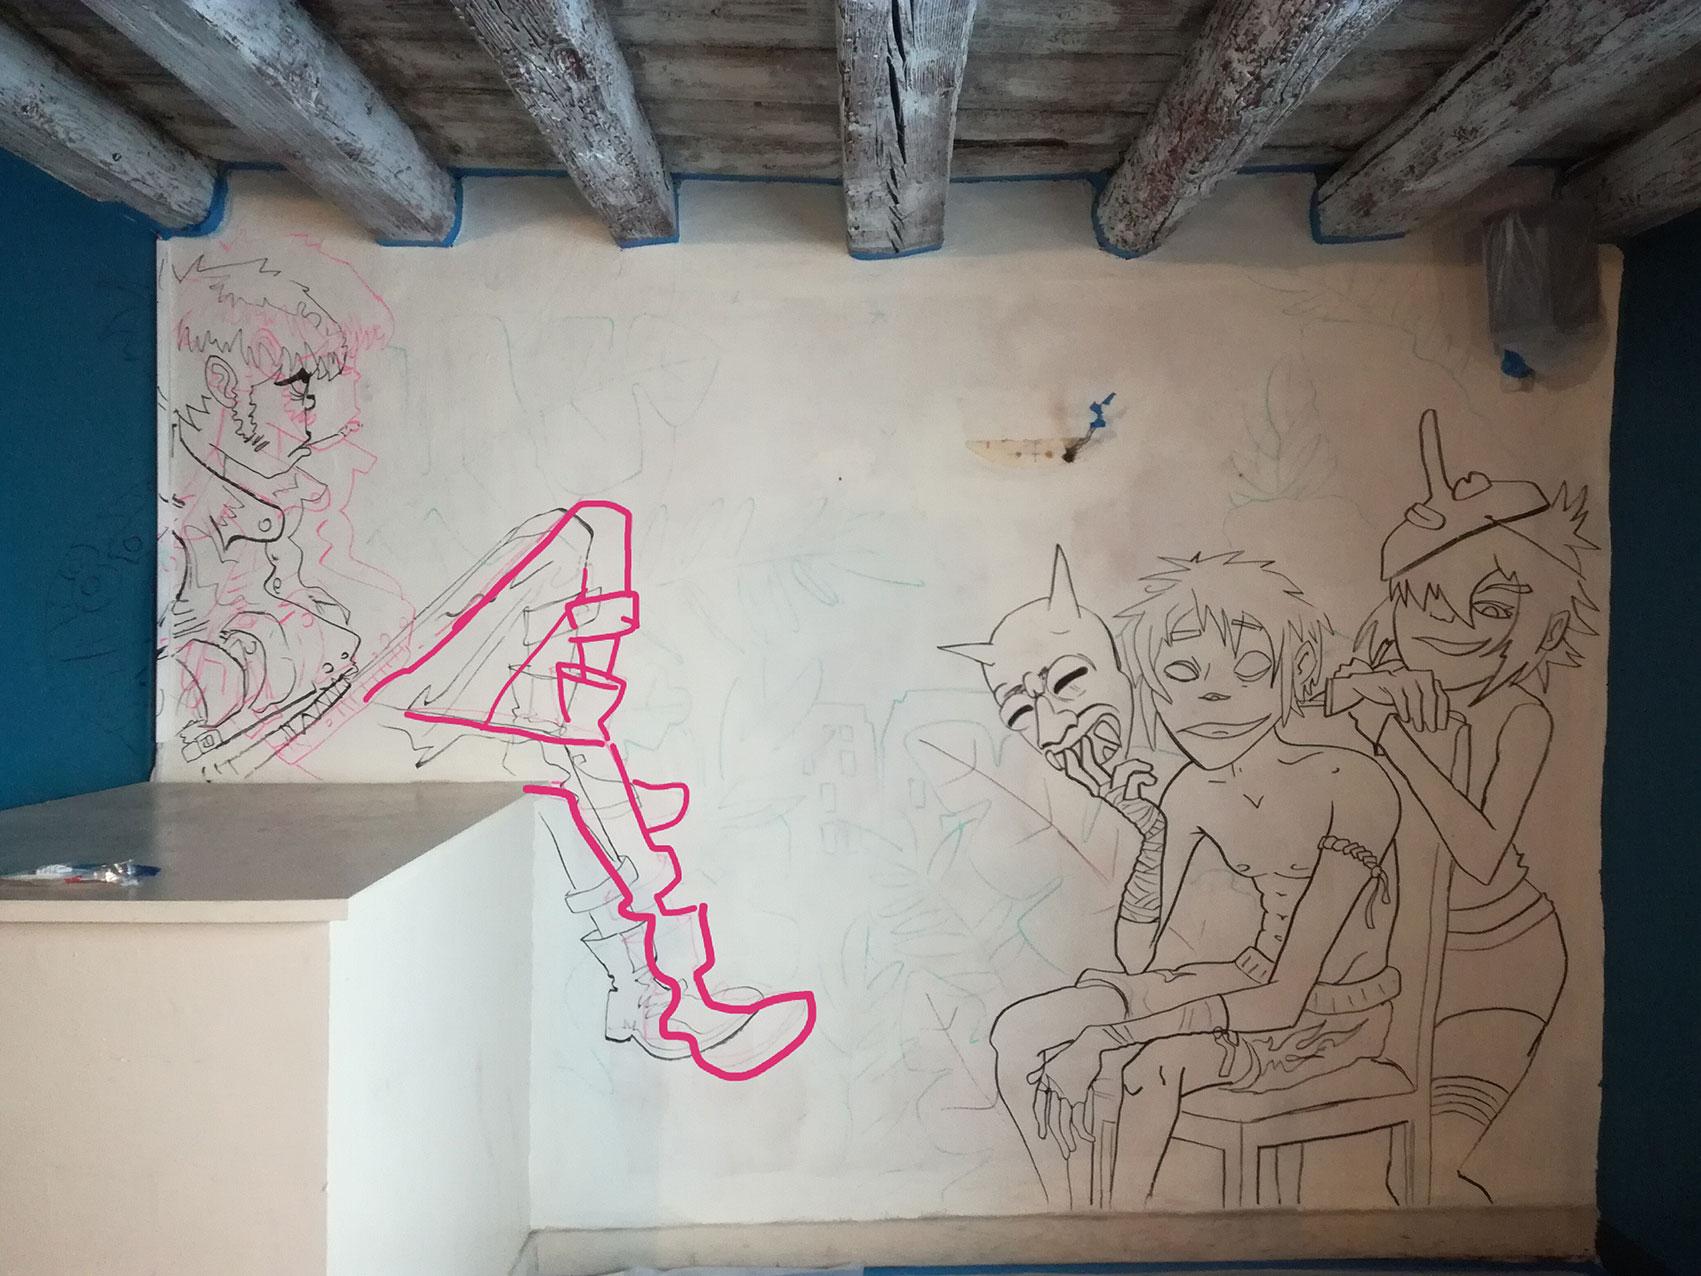 anamorphose lyon abys bar maison bleue décoration spray graffiti gorillaz peinture murale illustration esquisse croquis